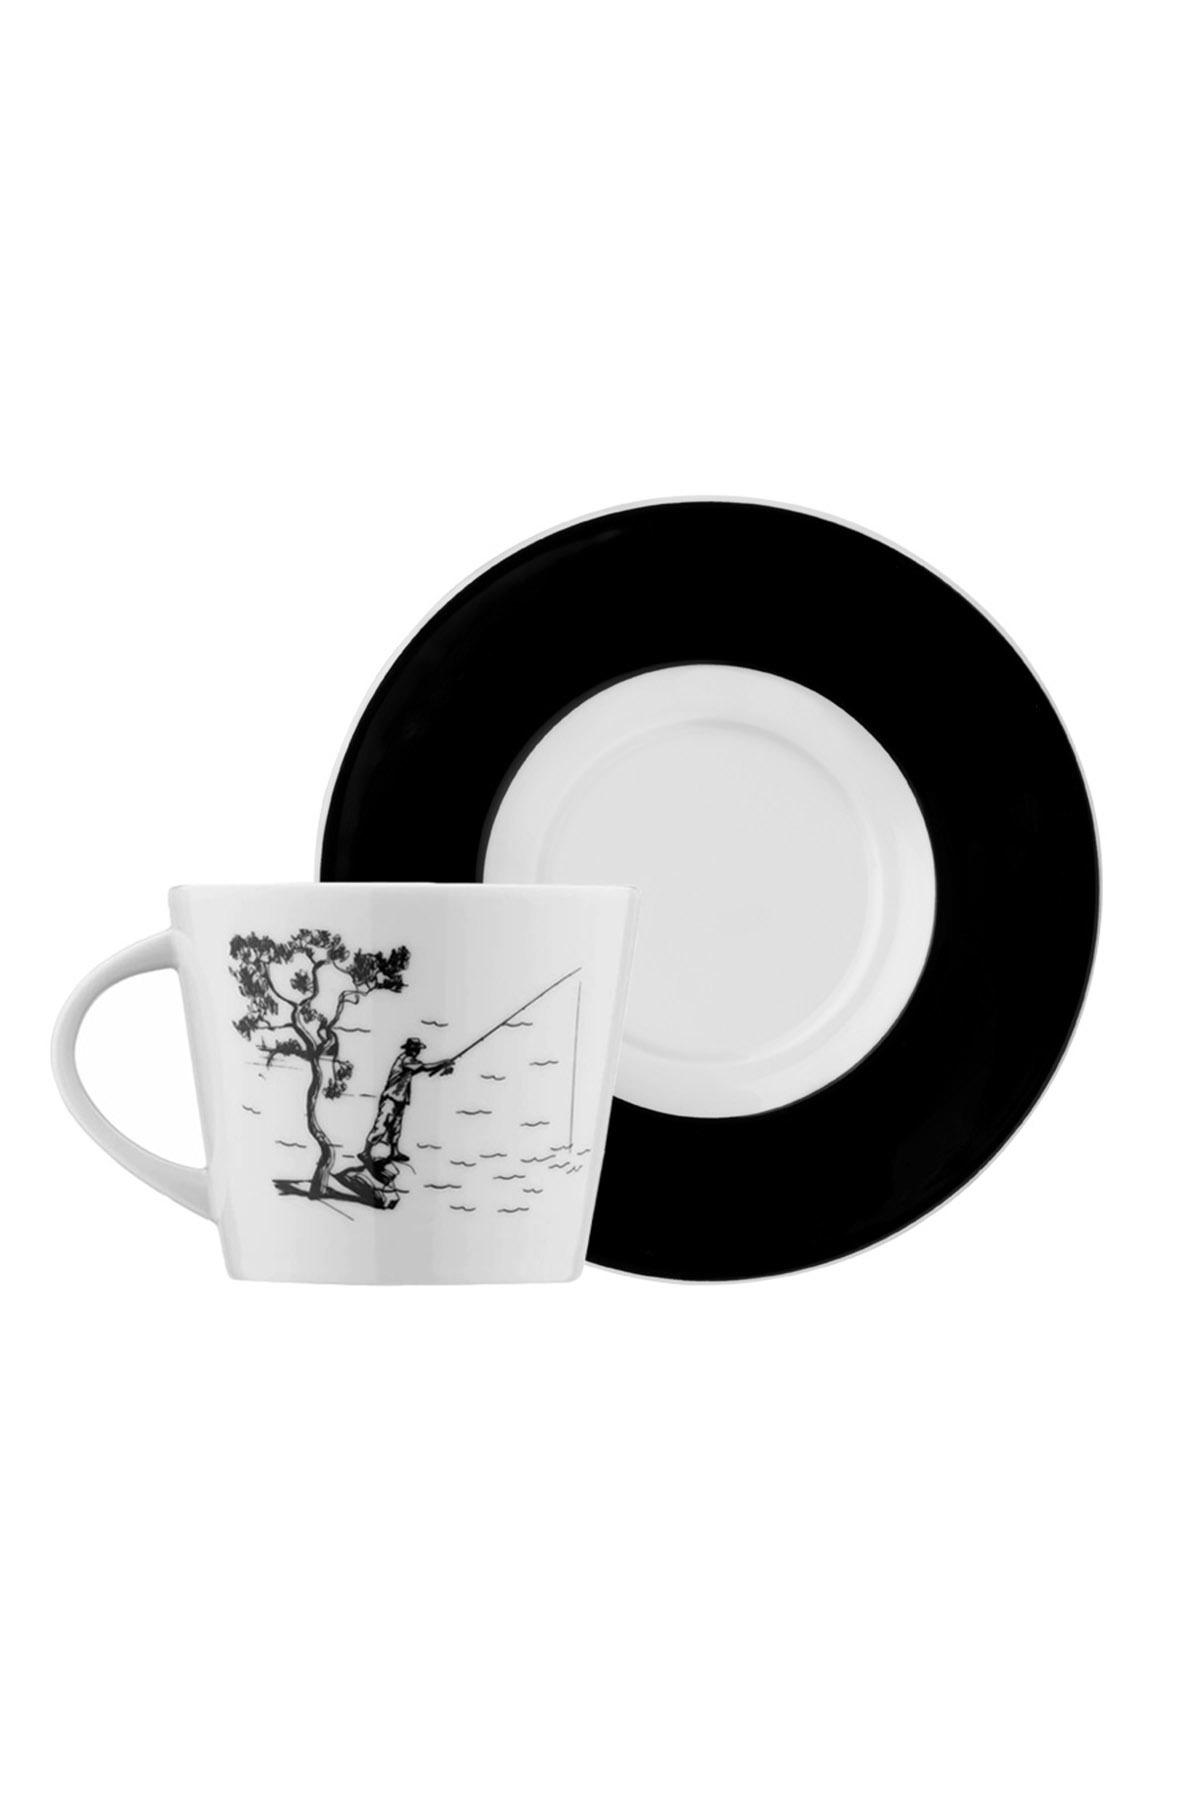 Kütahya Porselen - Kütahya Porselen Centilmen Serisi Kahve Fincan Takımı Balıkçı